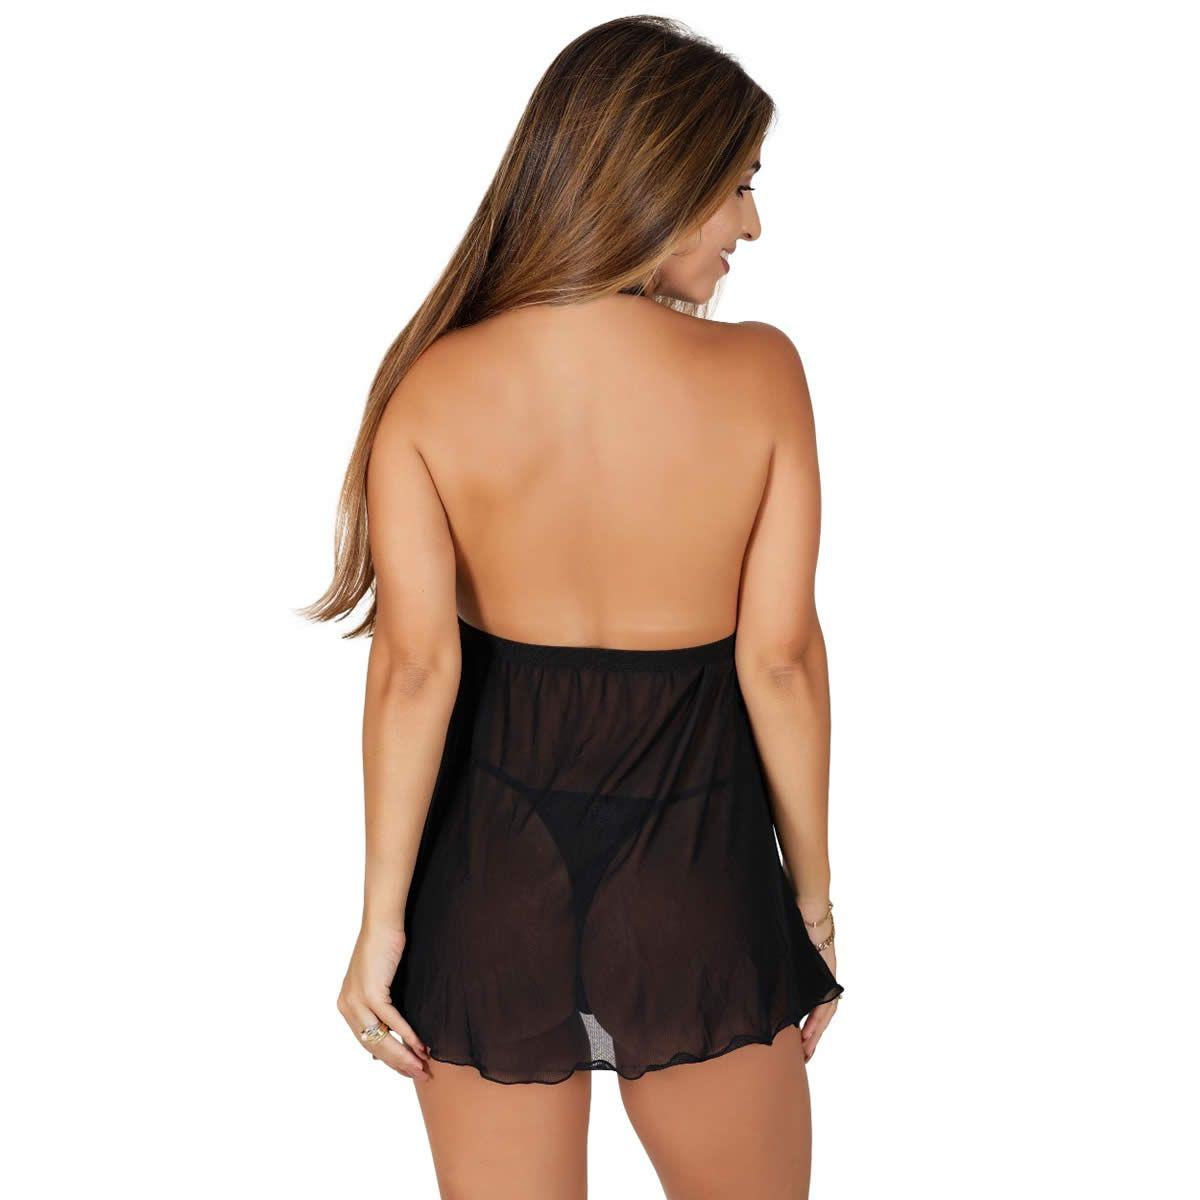 Camisola Preta Transparente em Tule e Renda Bela - GL374